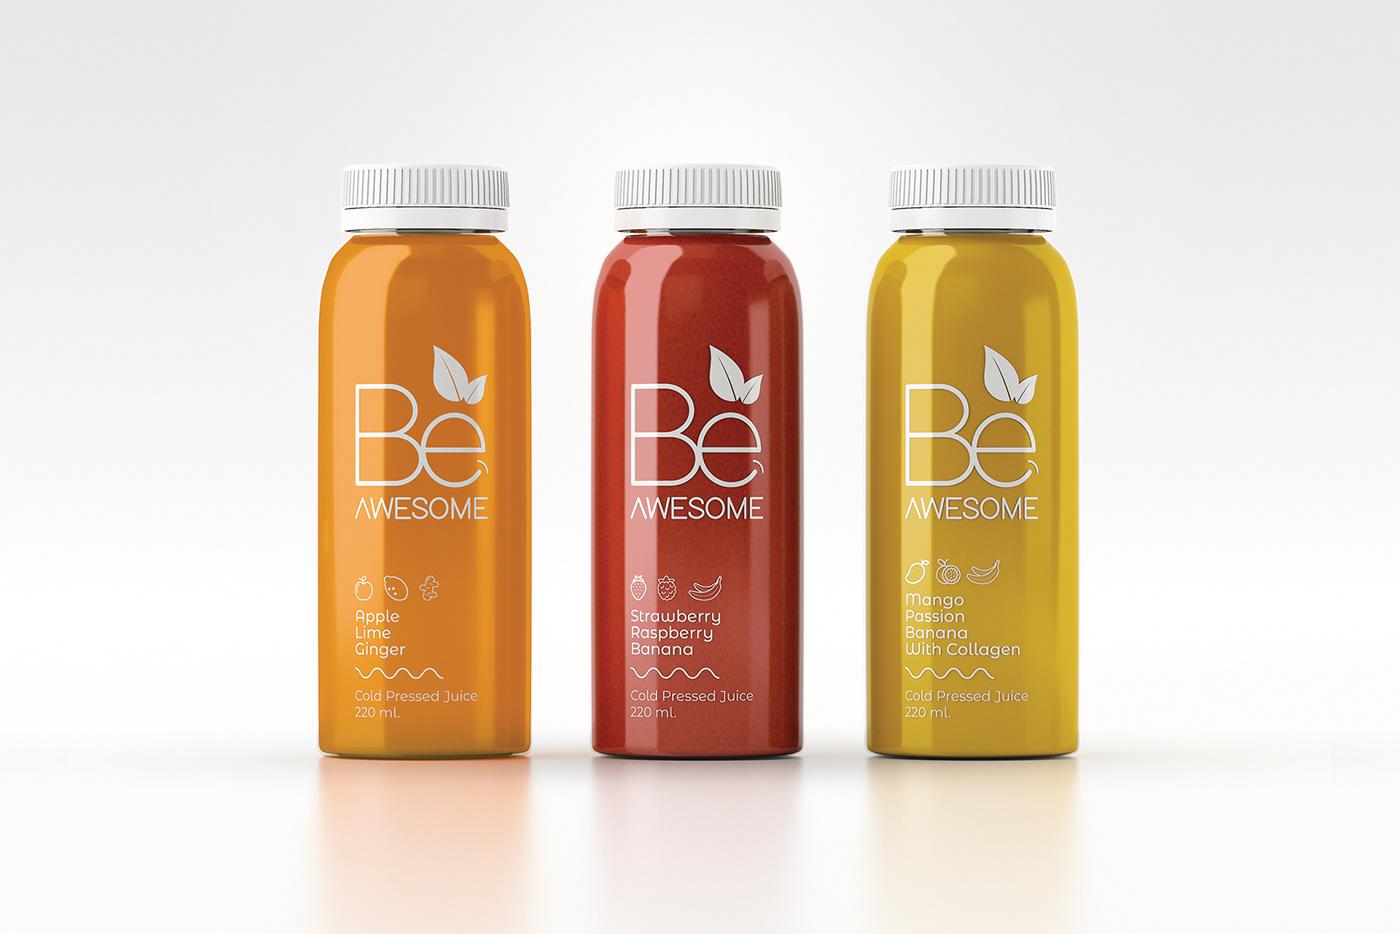 branding  brandingdesign design juice Packaging packagingdesign productphotography